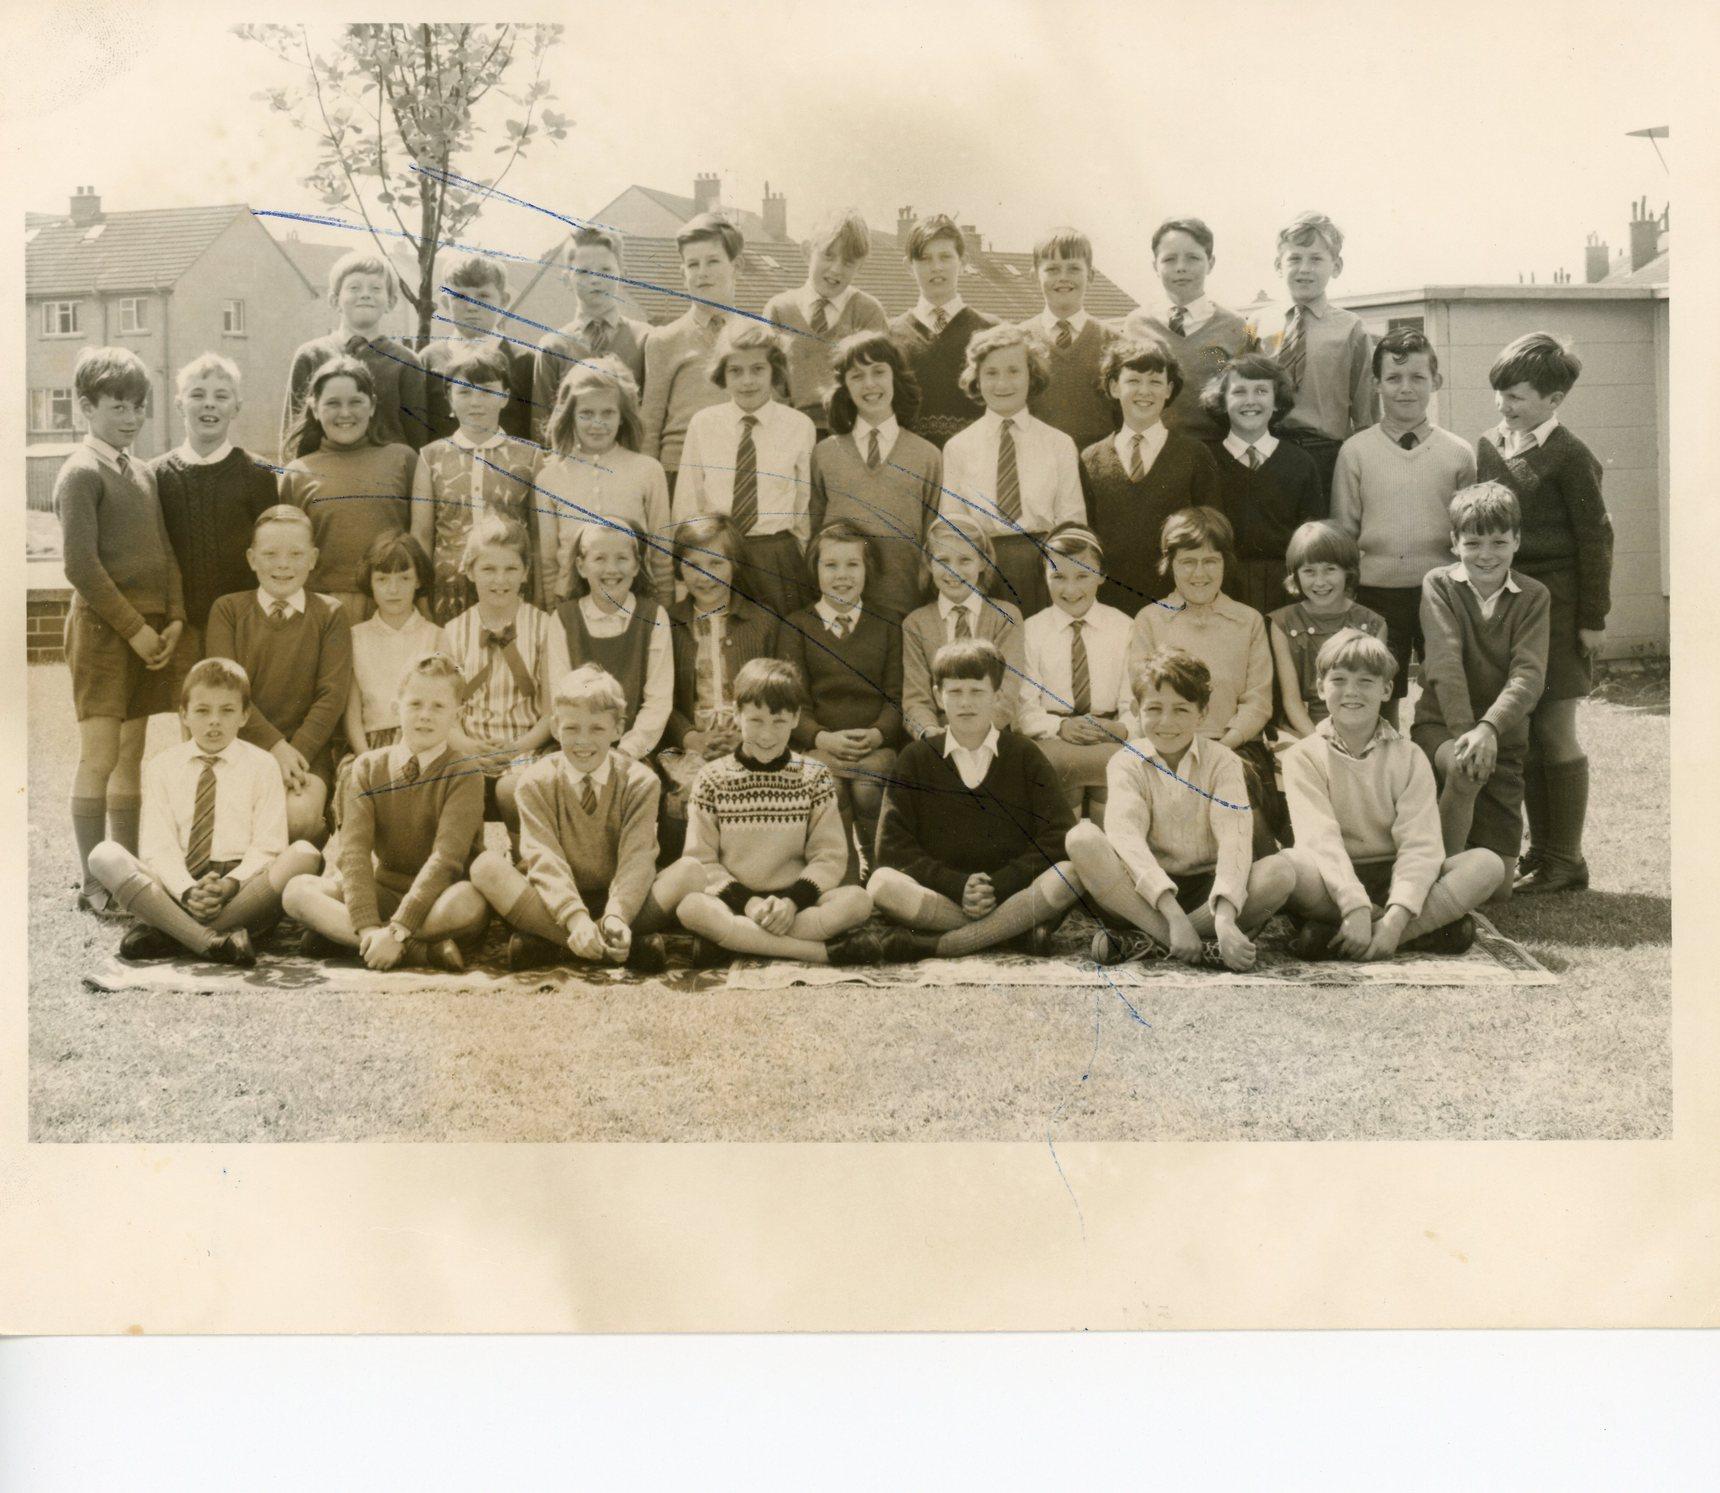 School class photo, Oxgangs